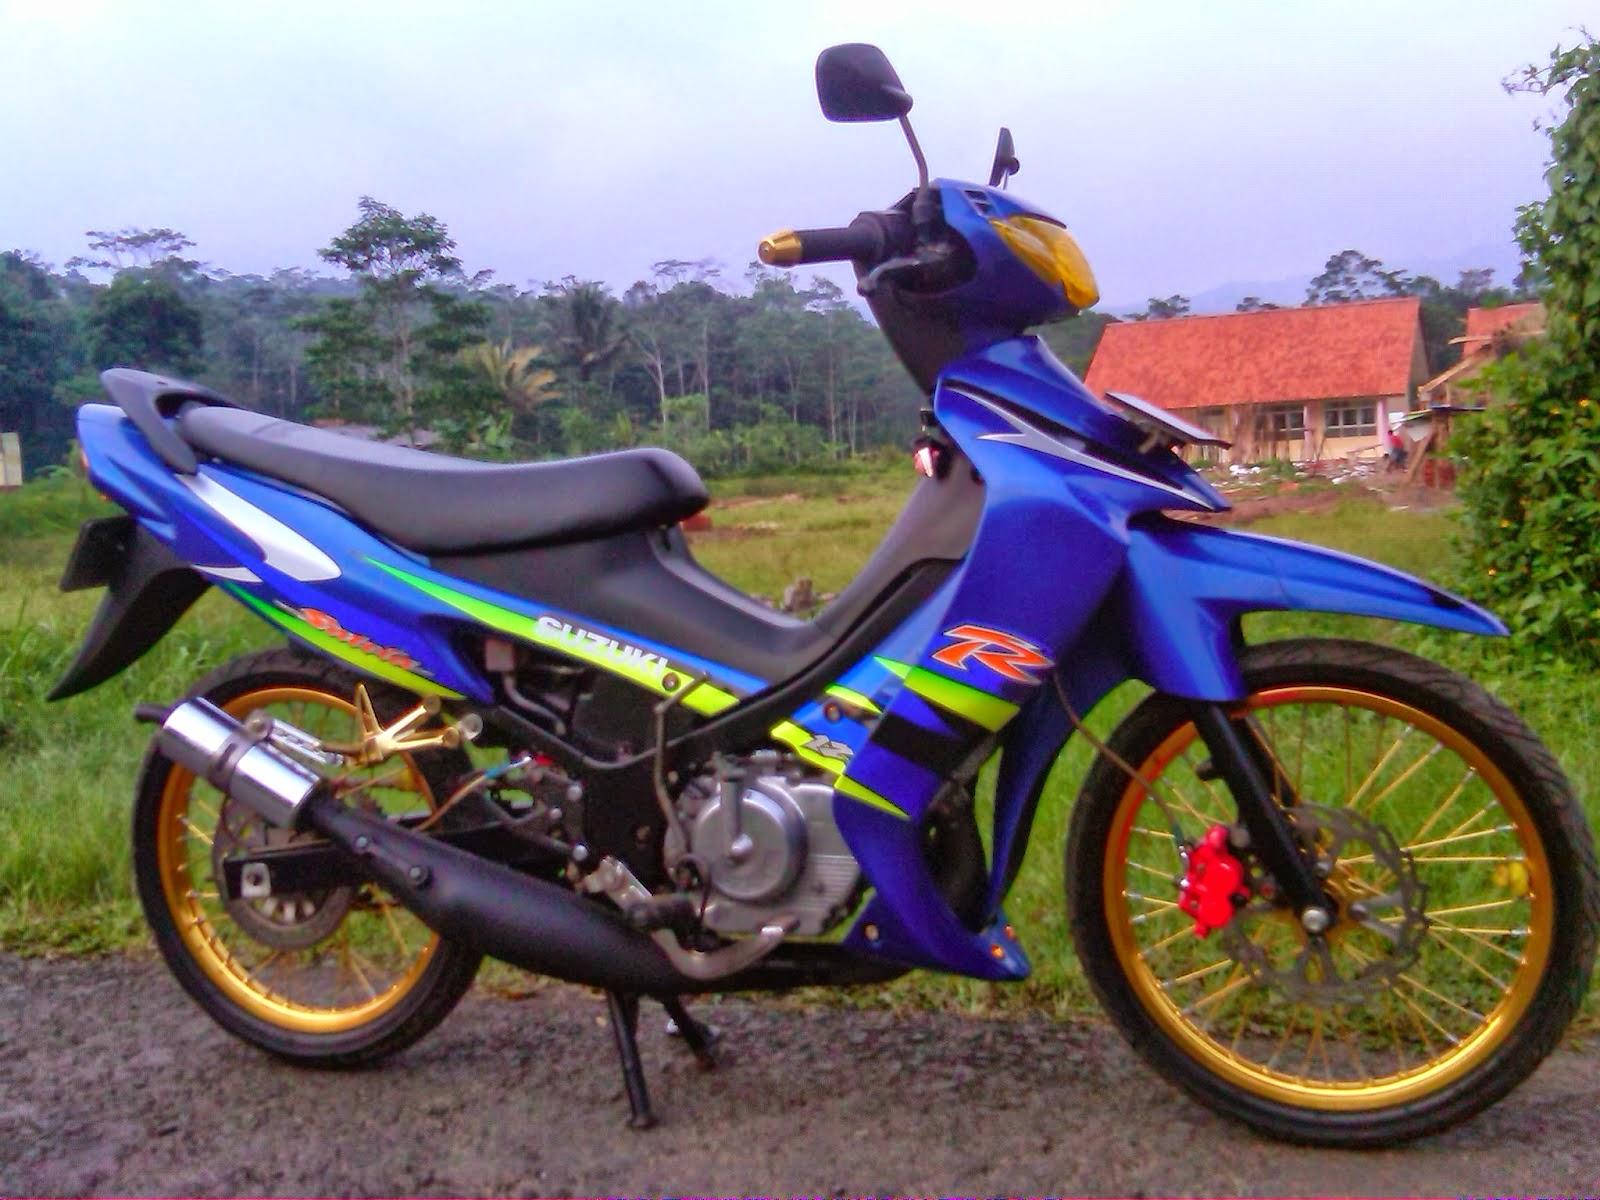 Modifikasi Motor Suzuki Satria Hiu Wacana Modif Motor